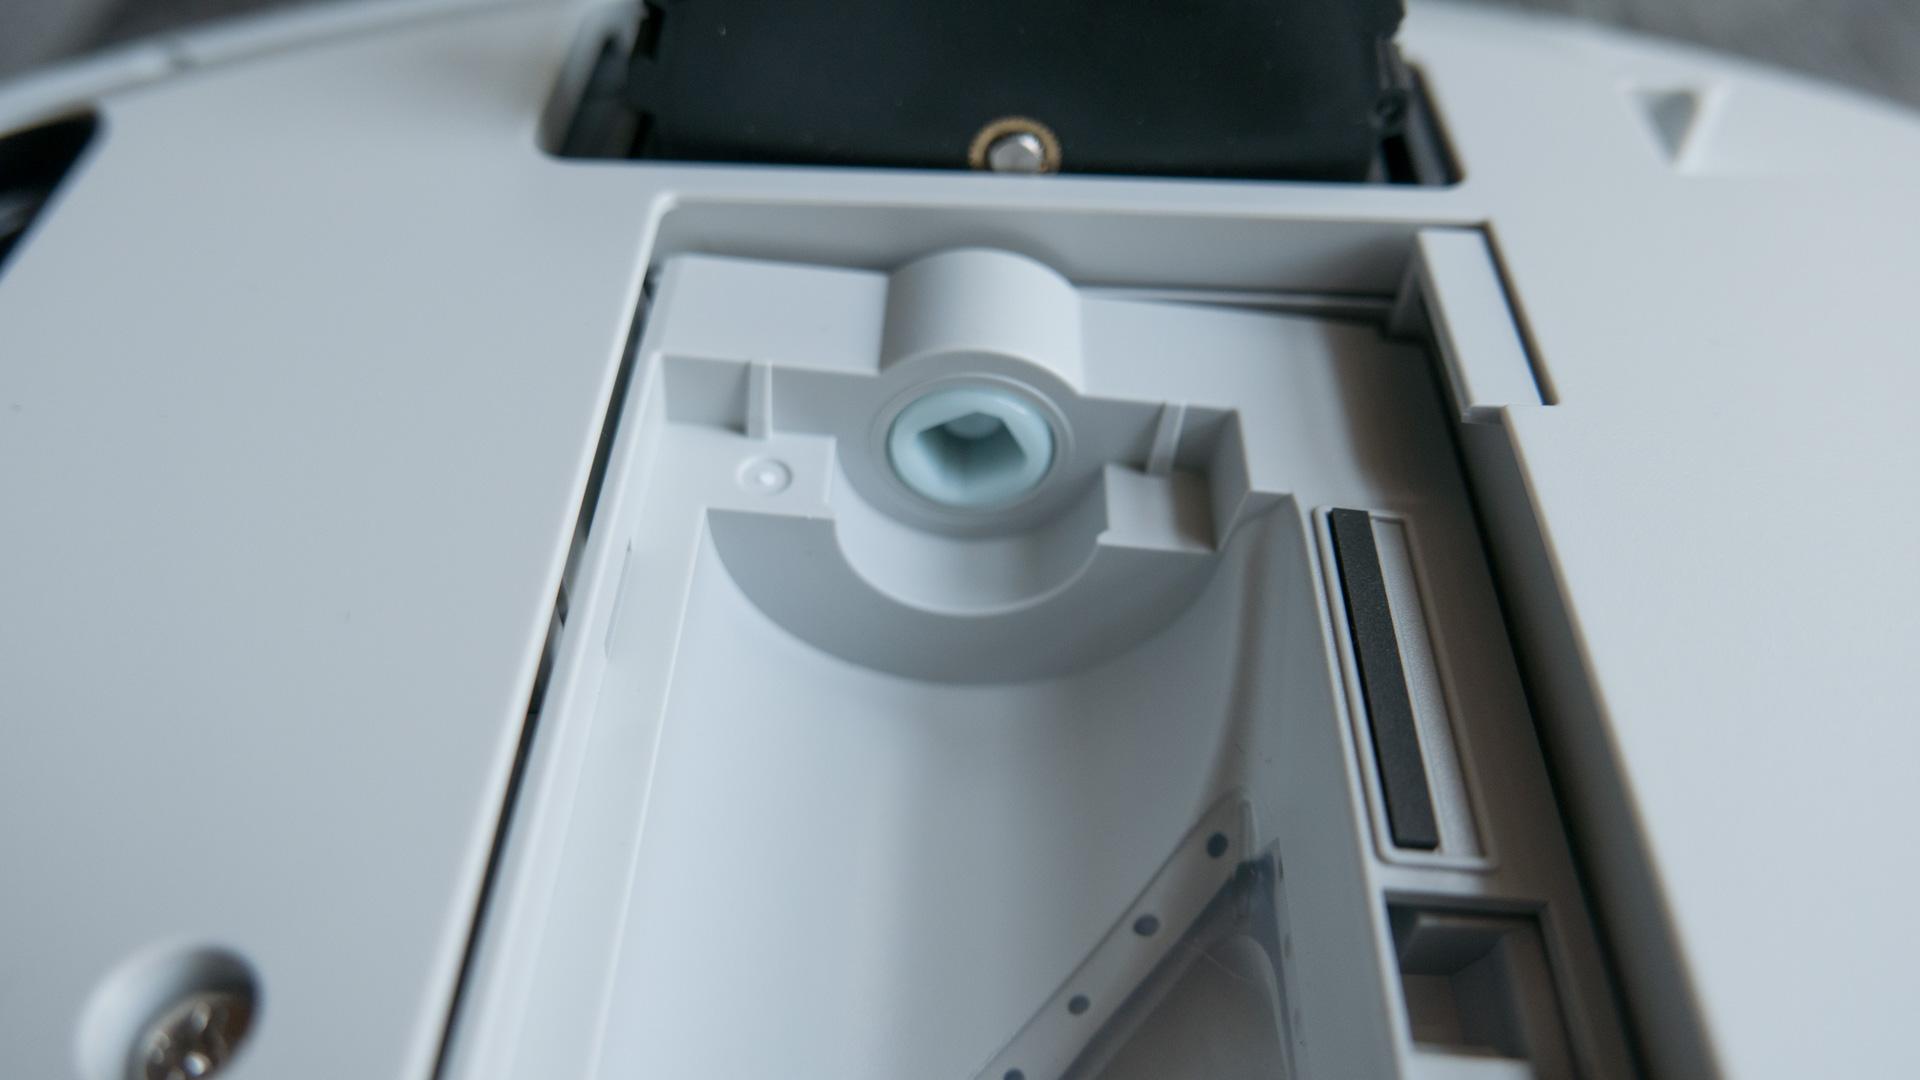 Xiaomi roborock Xiaowa Details 29